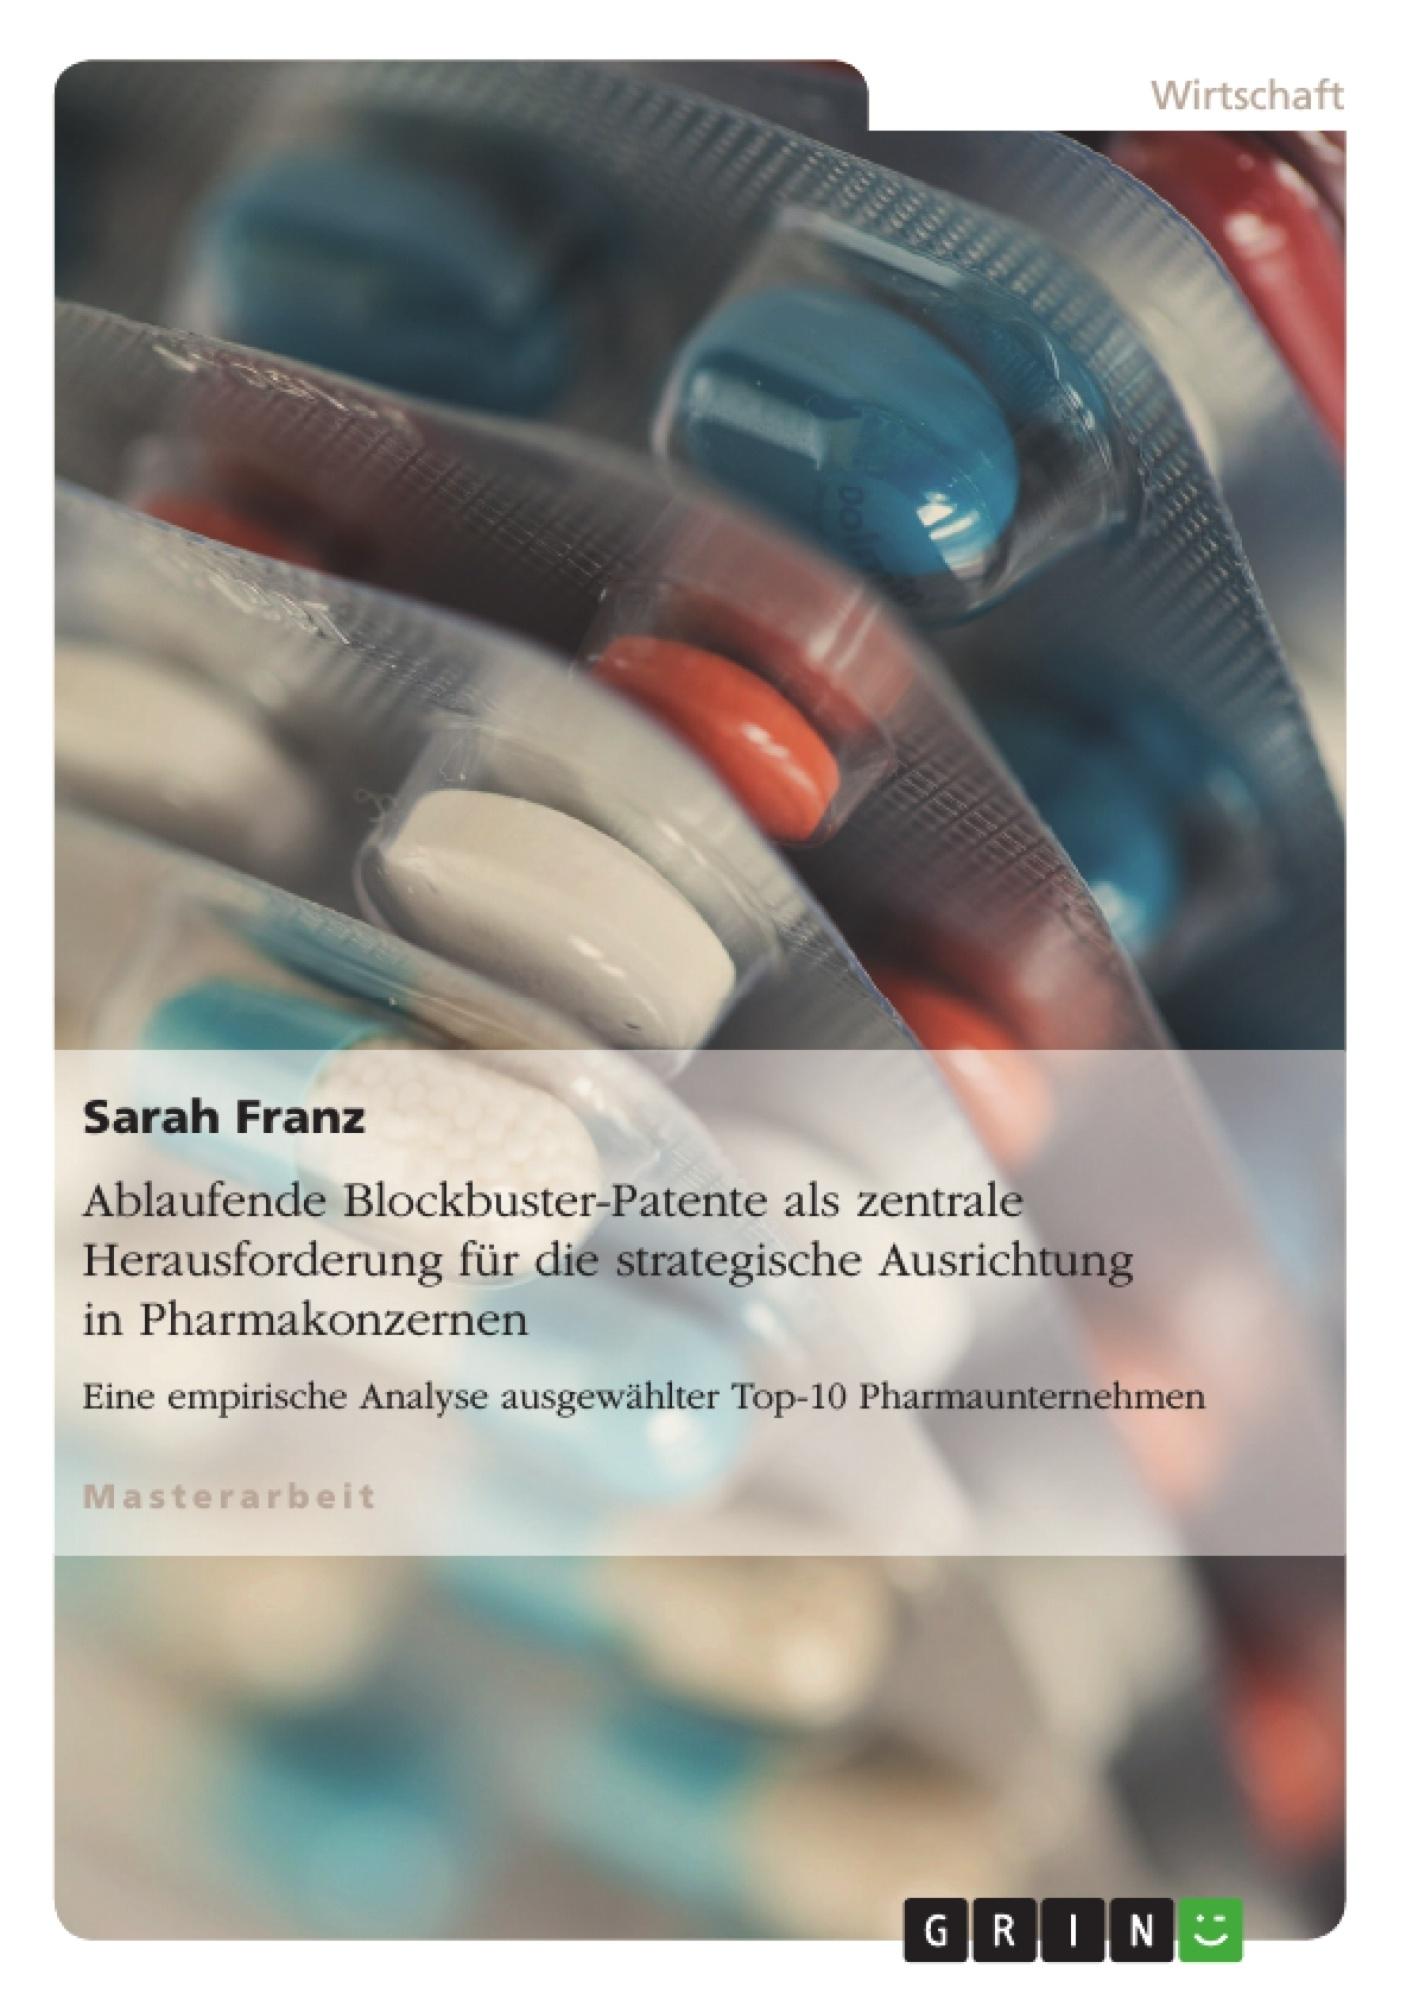 Titel: Ablaufende Blockbuster-Patente als zentrale Herausforderung für die strategische Ausrichtung in Pharmakonzernen